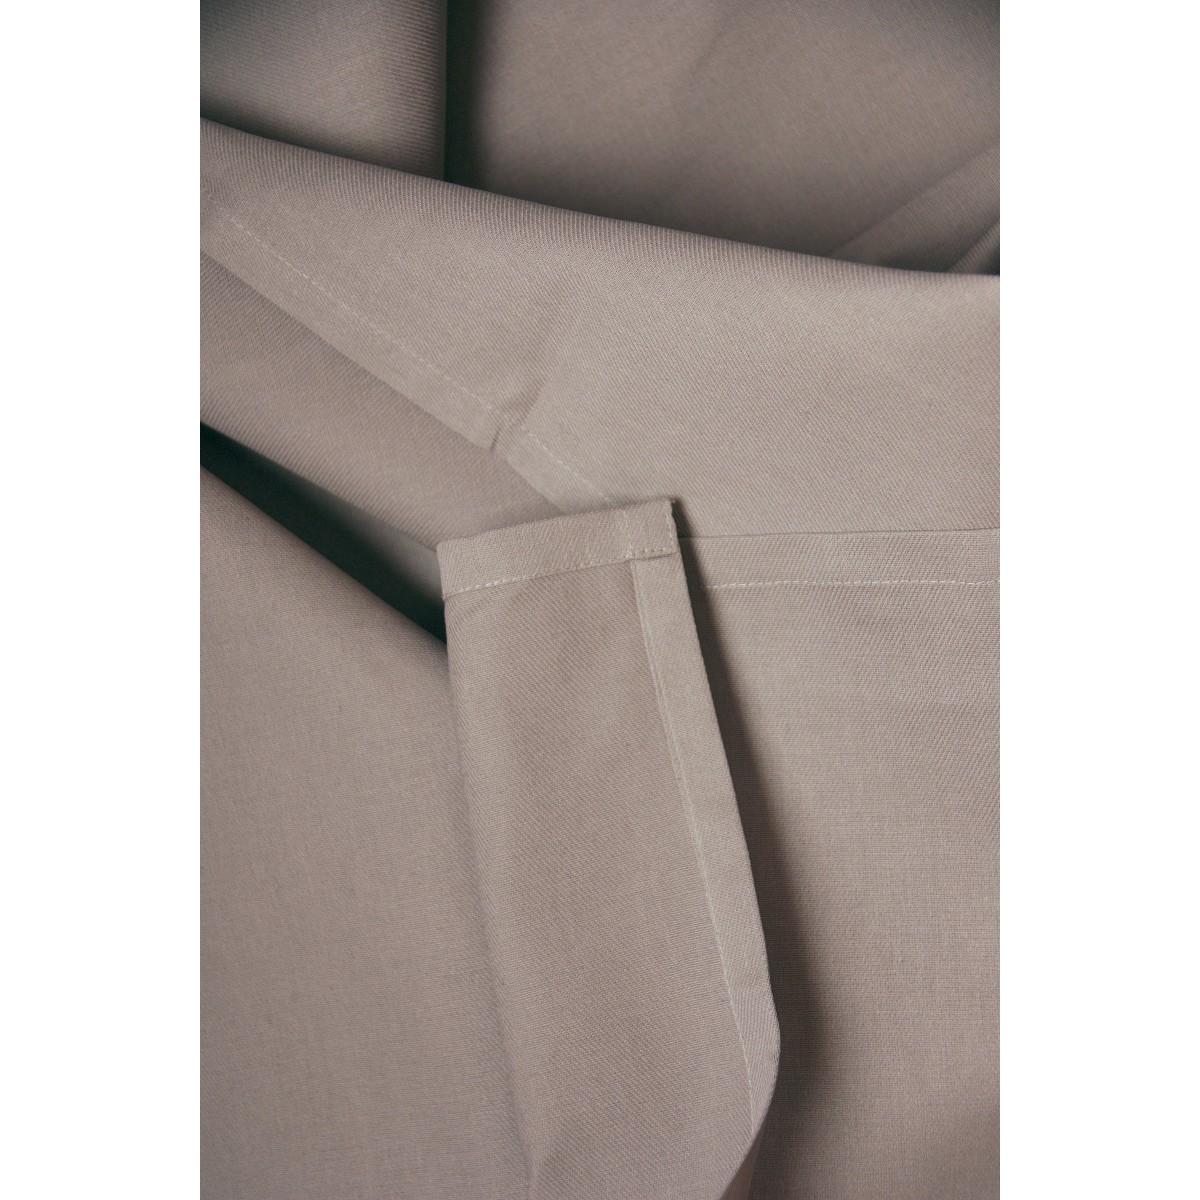 Дорожка Столовая Naturel «Grey» 150Х45